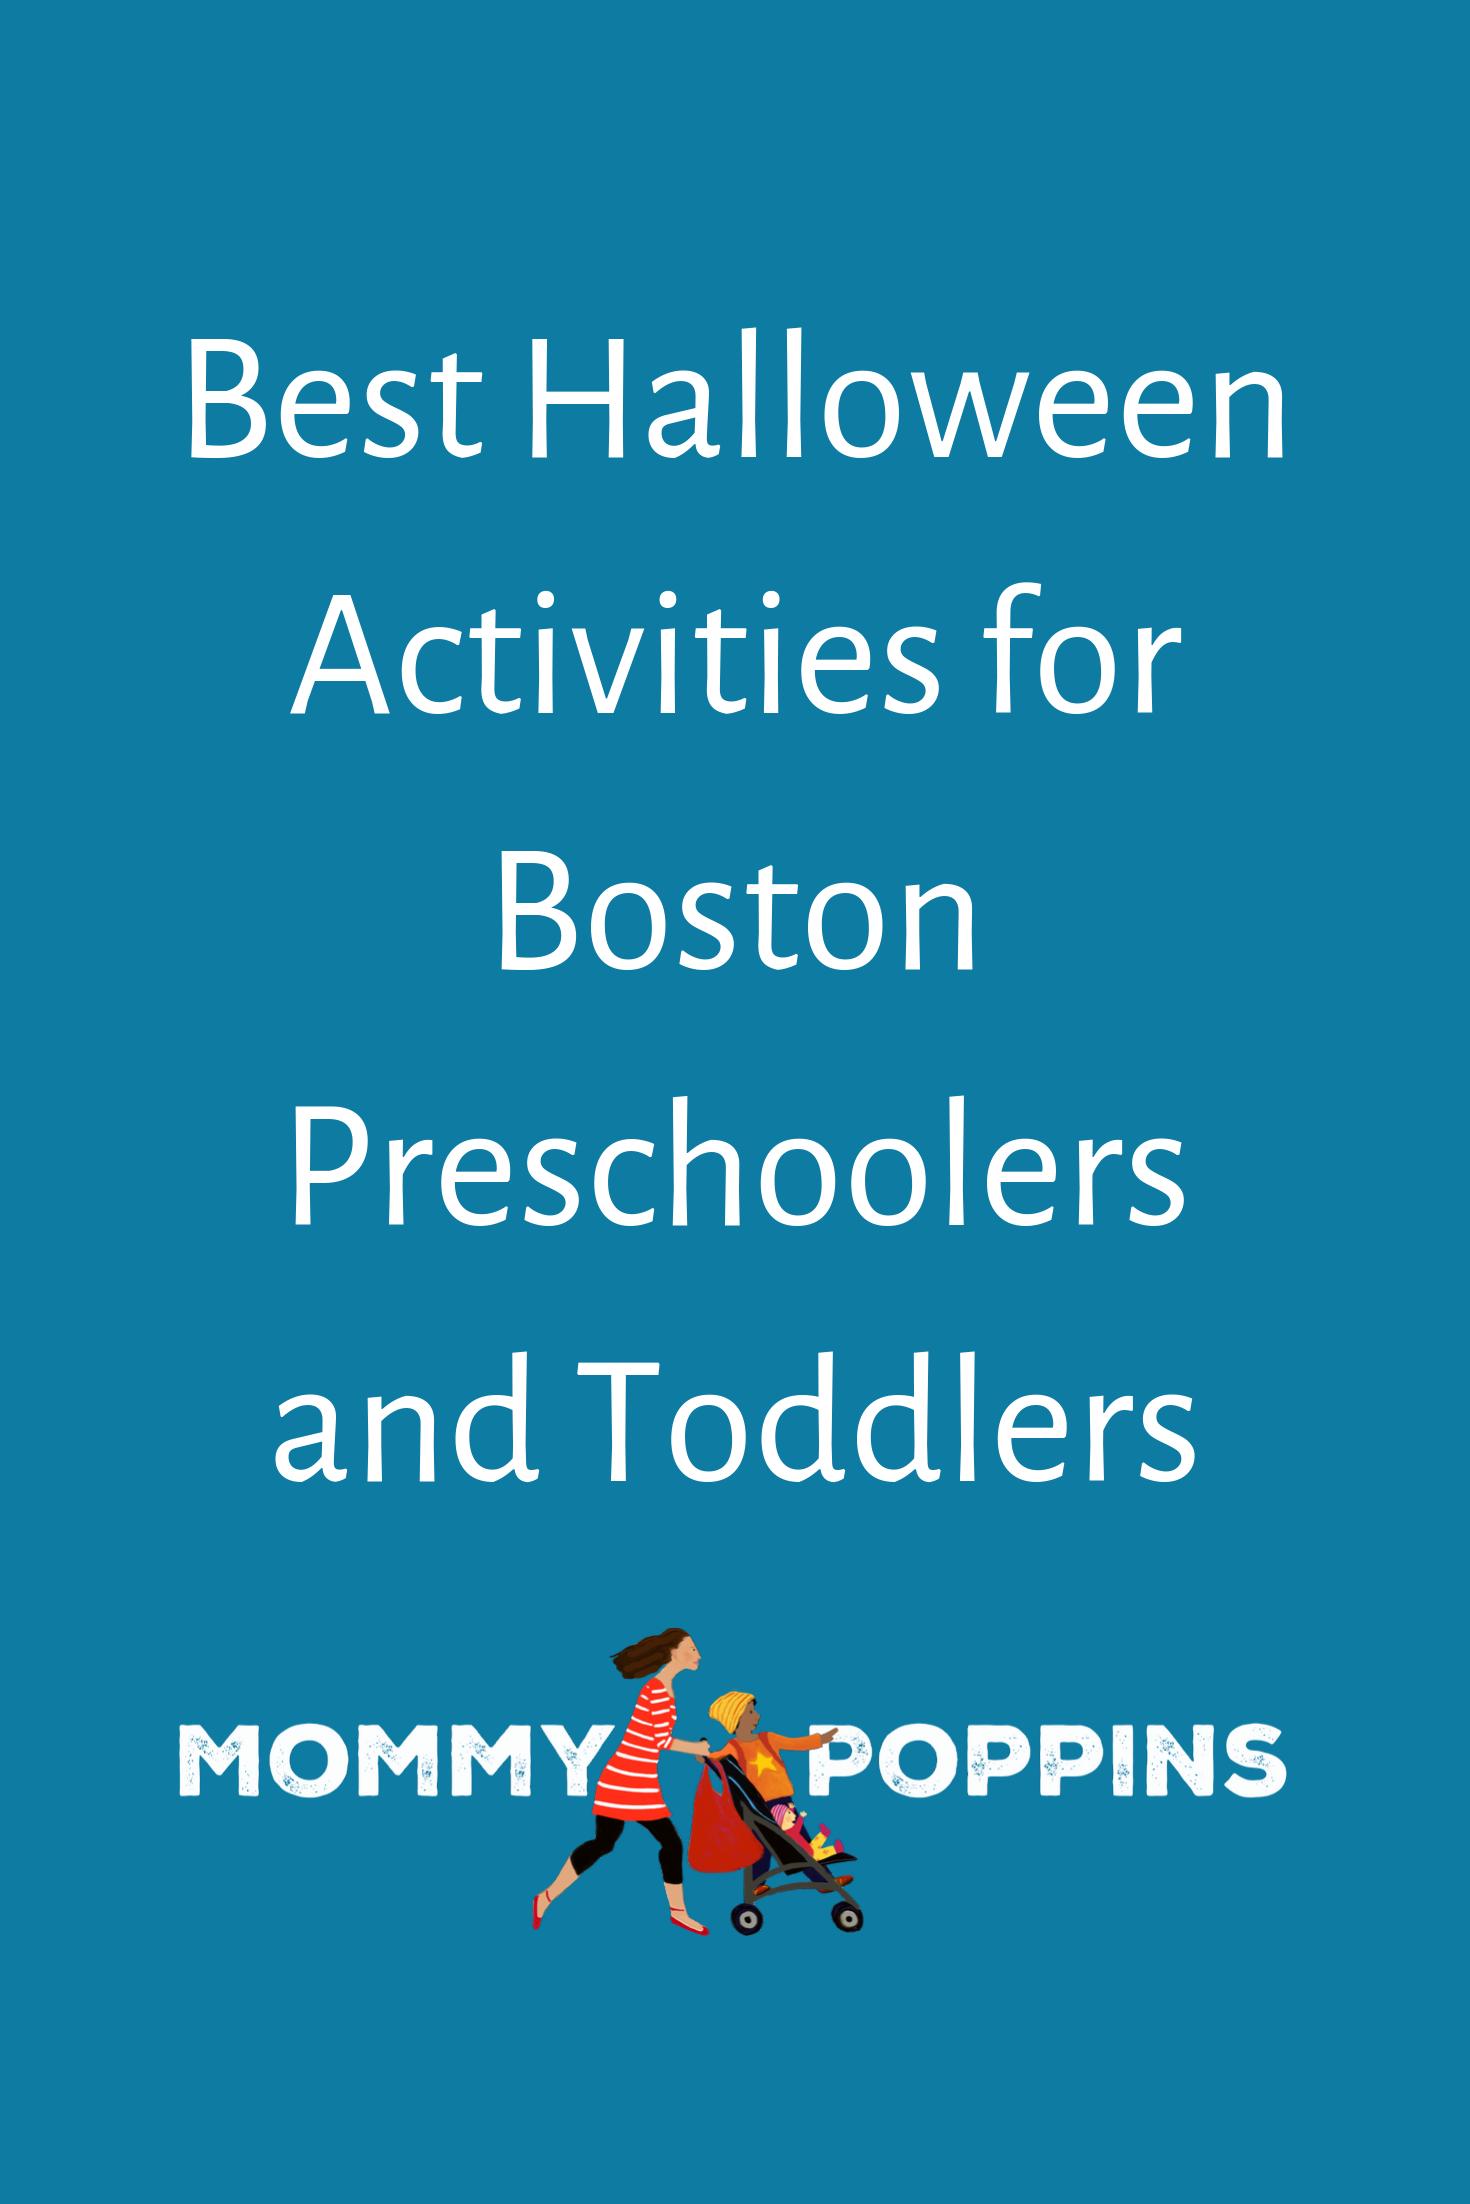 Best Halloween Activities for Boston Preschoolers and